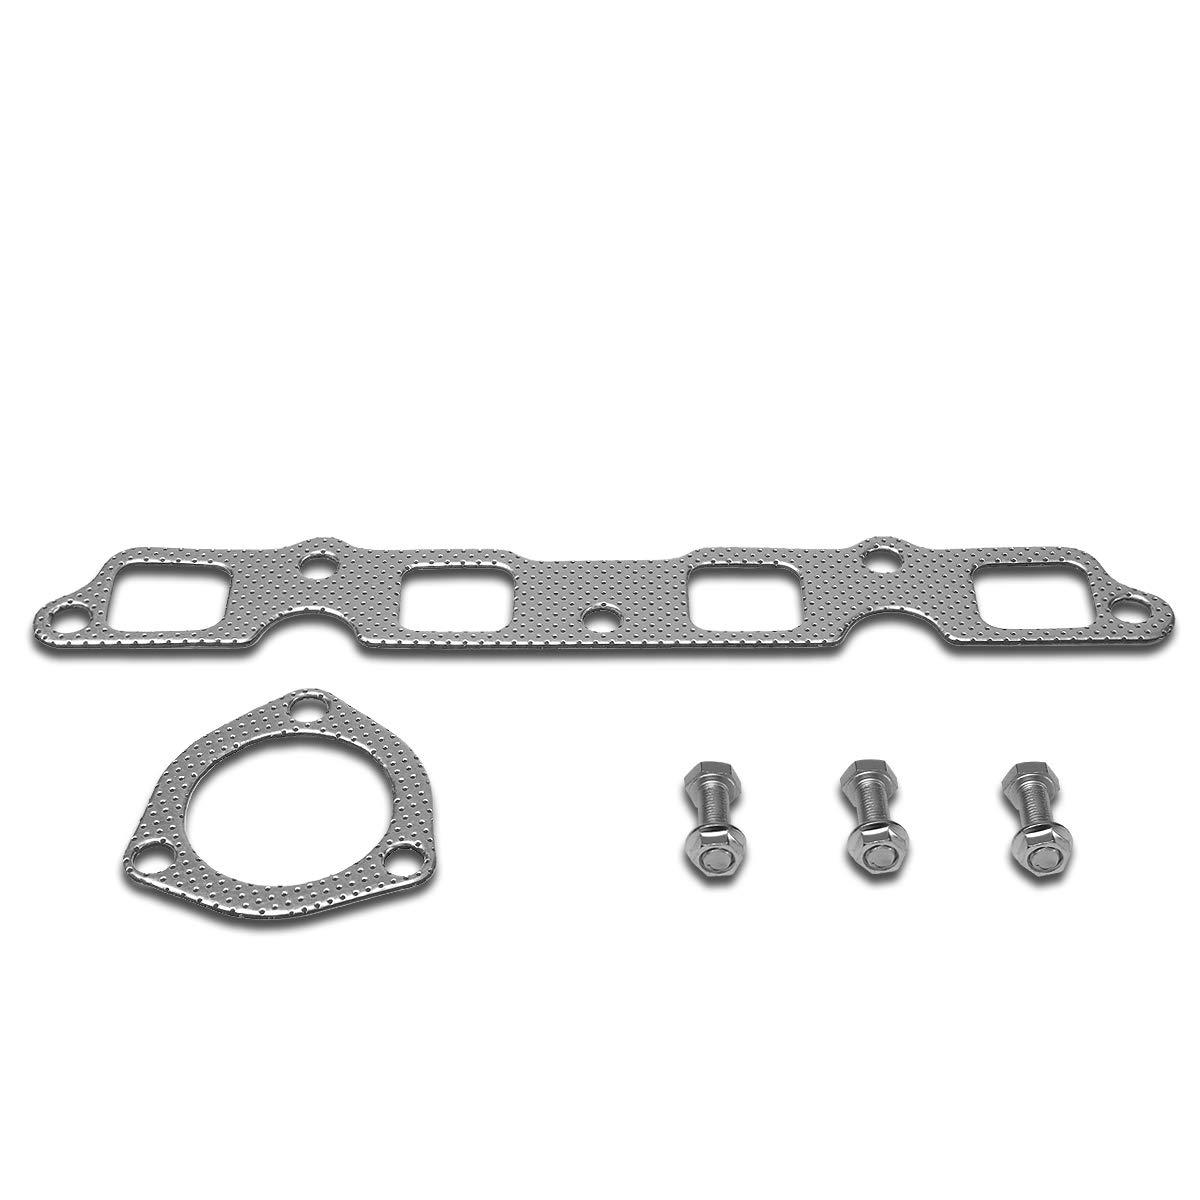 DNA Motoring GKTSET-TC7418L Aluminum Exhaust Manifold Header Gasket Set Replacement